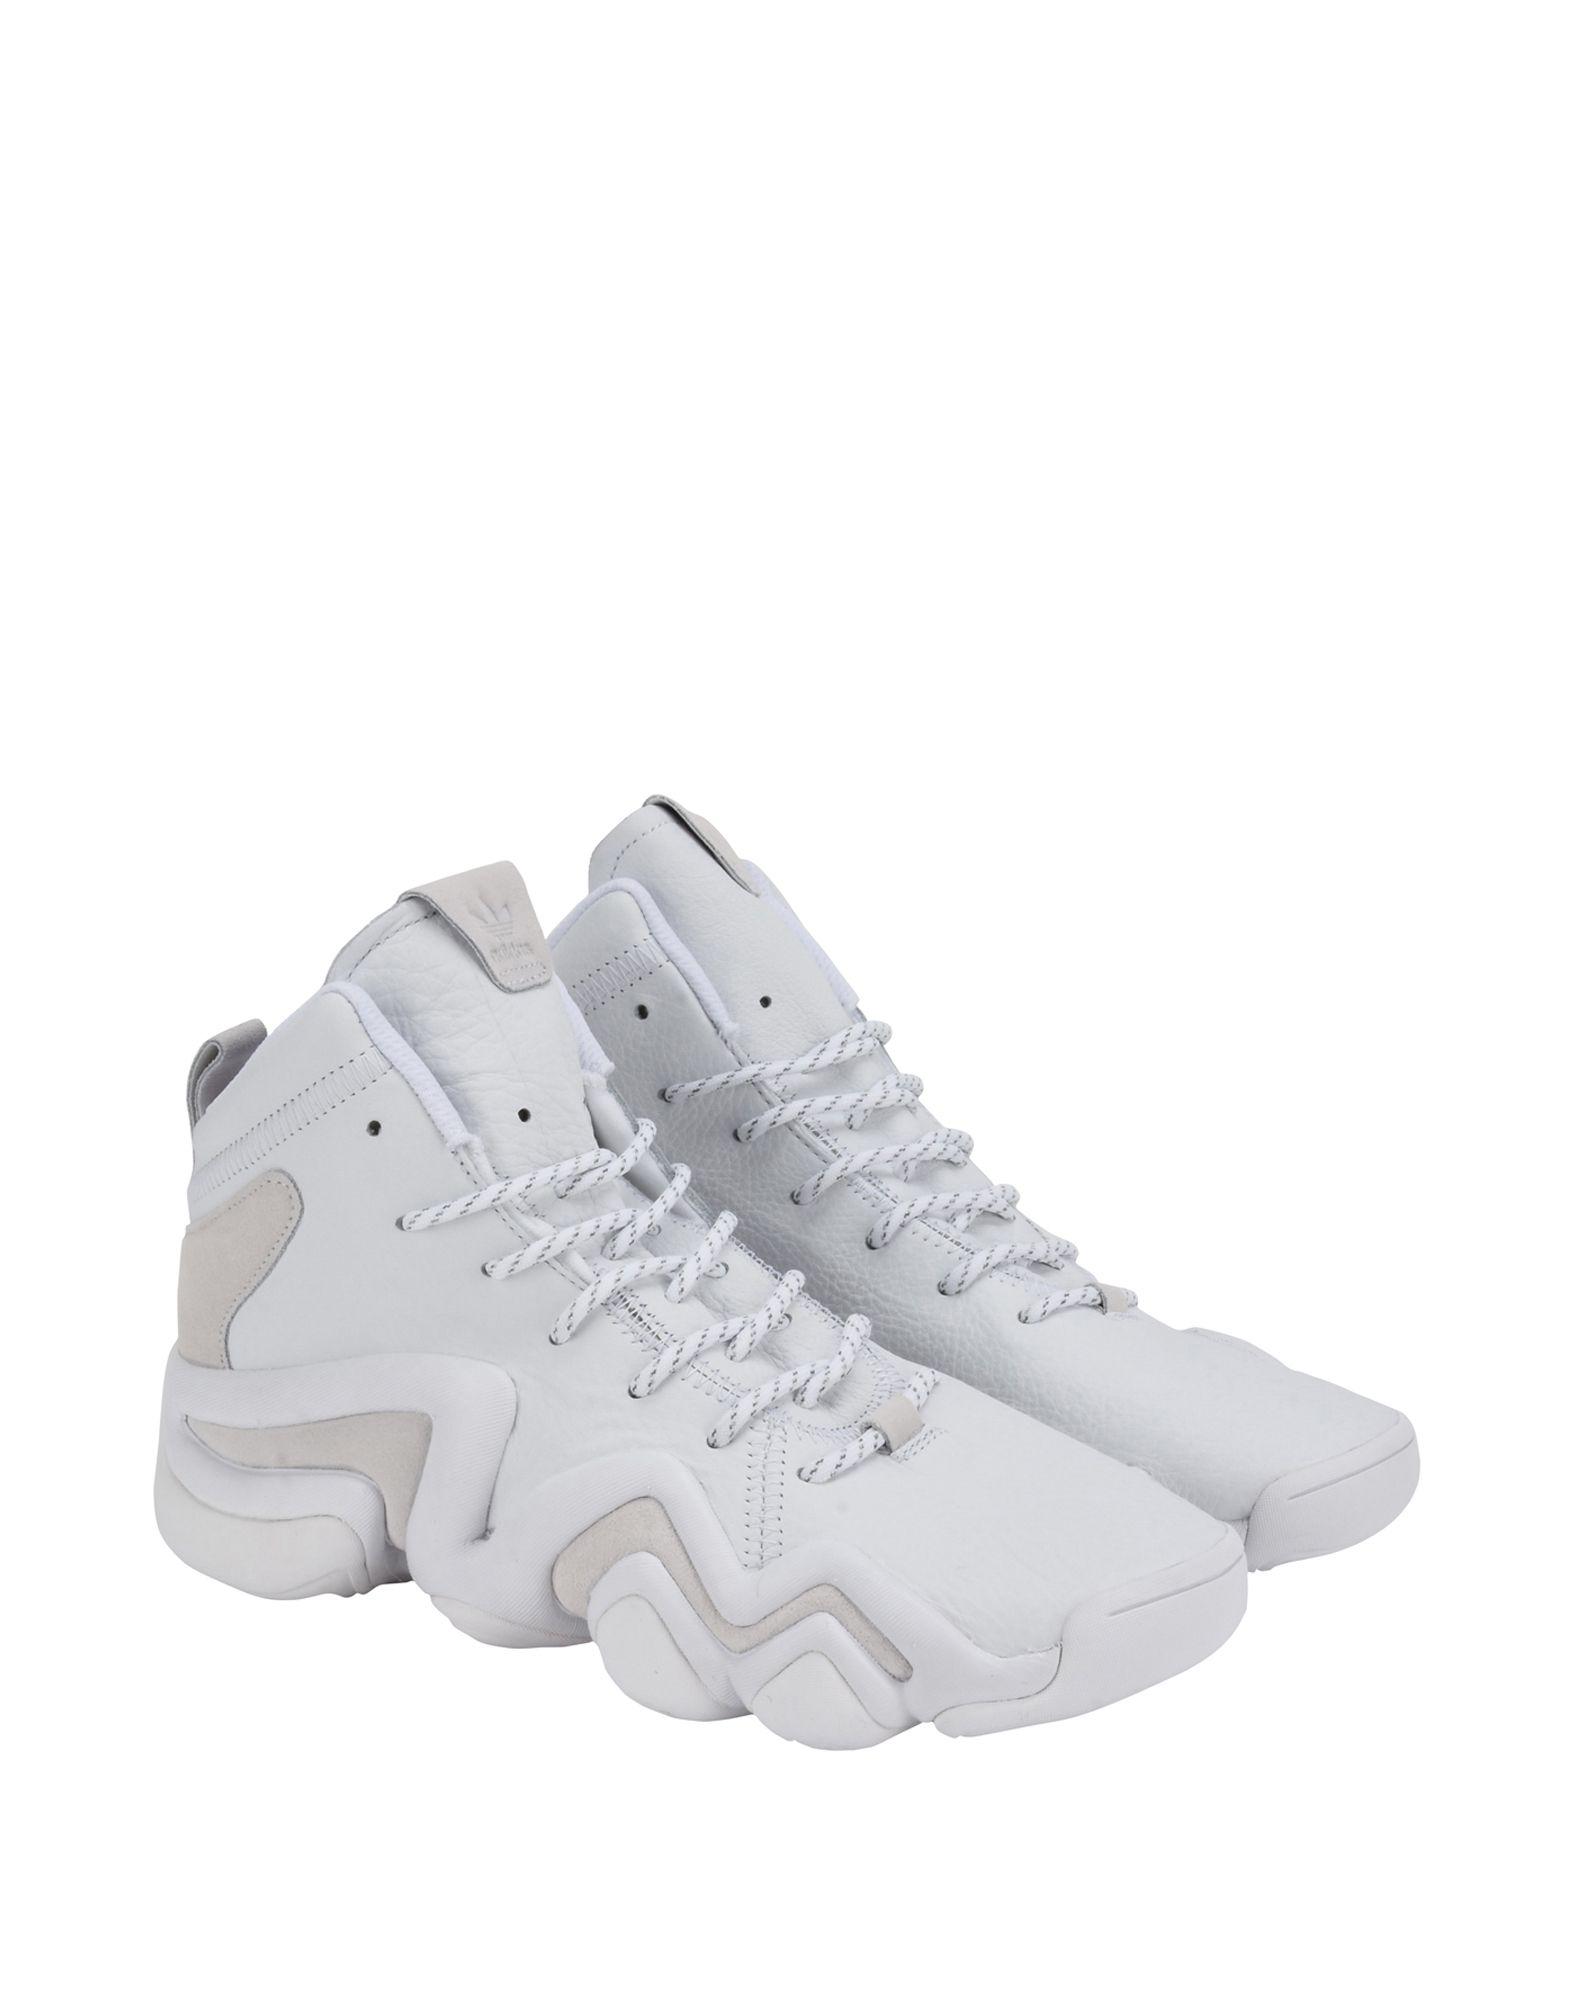 Adidas Originals Crazy 8 Adv (Asw)   (Asw) 11446343AO Heiße Schuhe bd6187